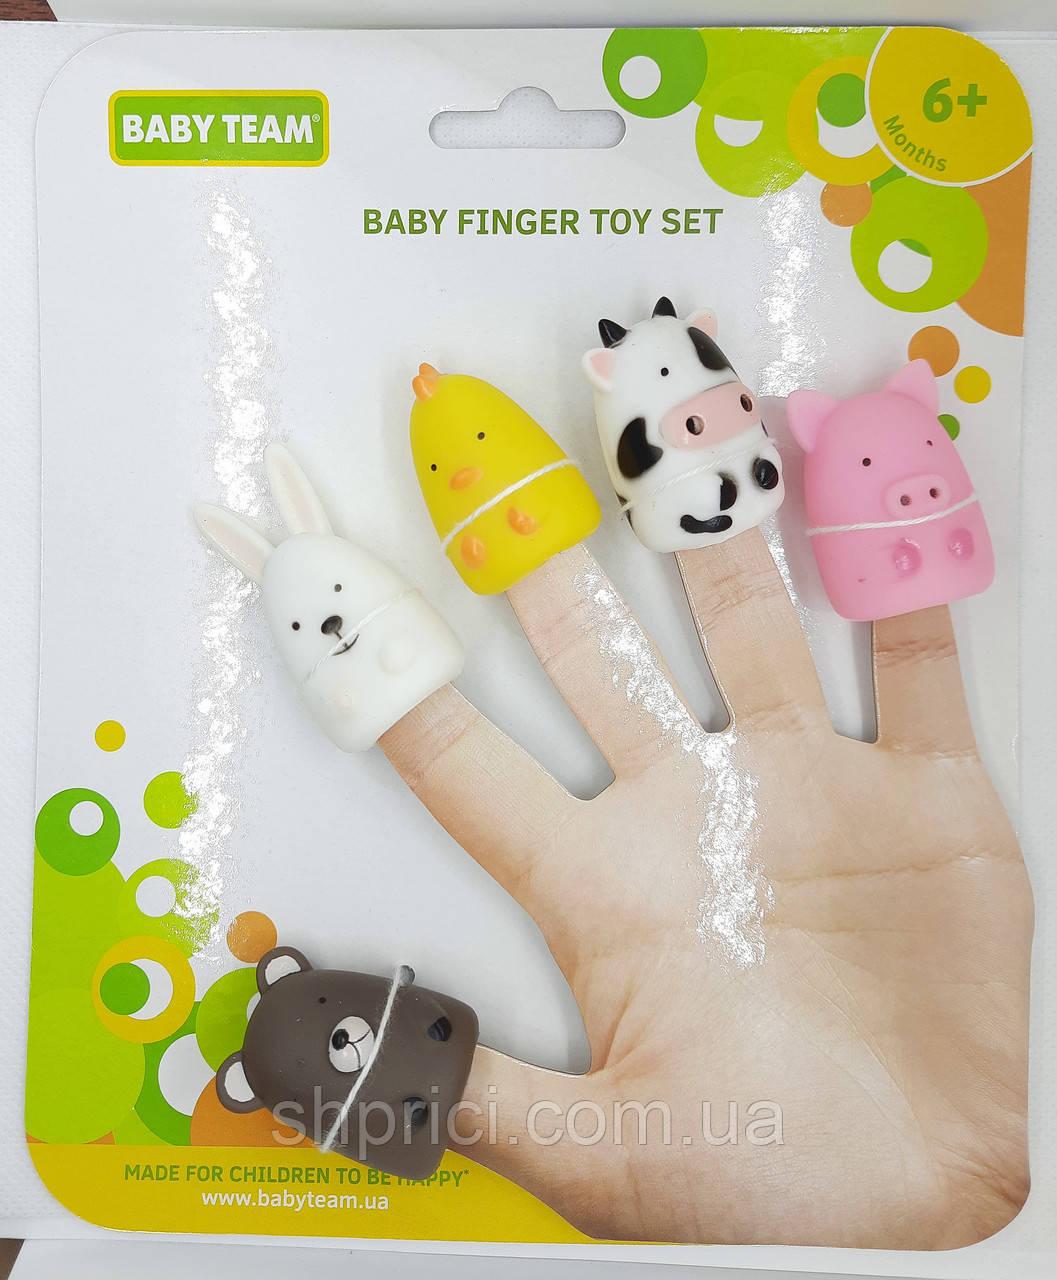 """Игрушки для ванной на пальцы """"Веселая детвора"""" BabyTeam, 6+ арт. 8700, в наборе 5 шт."""